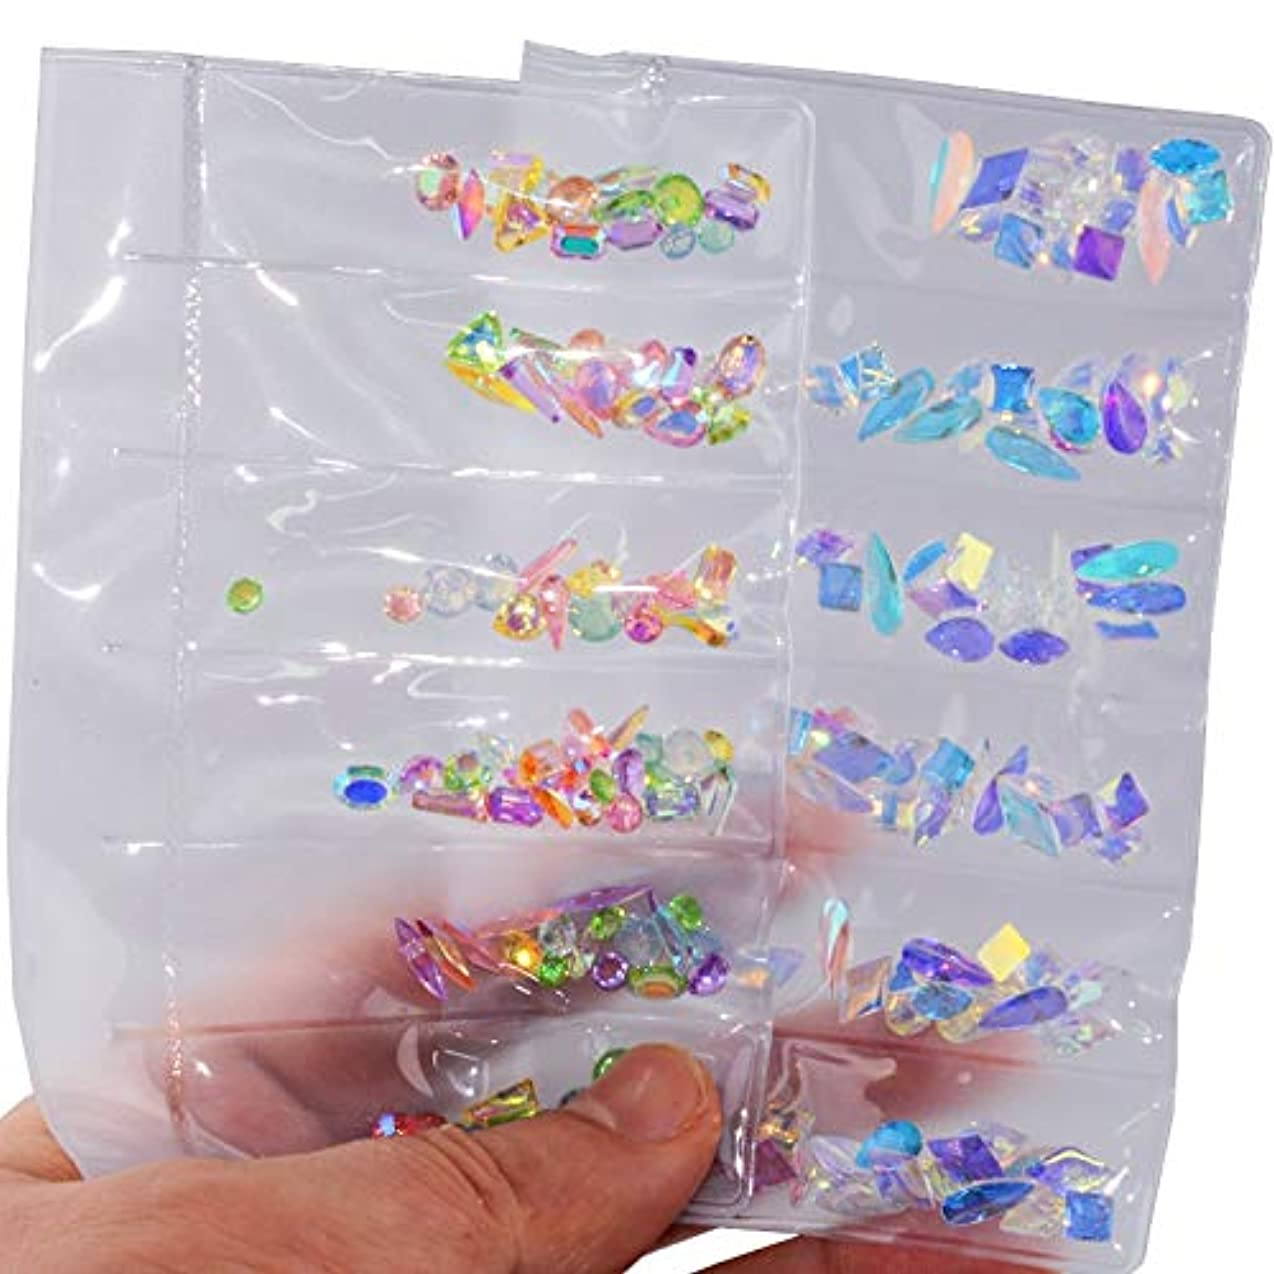 重荷神経障害想像力2パックセットネイルアートラインストーンネイルアートデコレーションフラットバックガラスダイヤモンドティアドロップ馬の目の水晶石